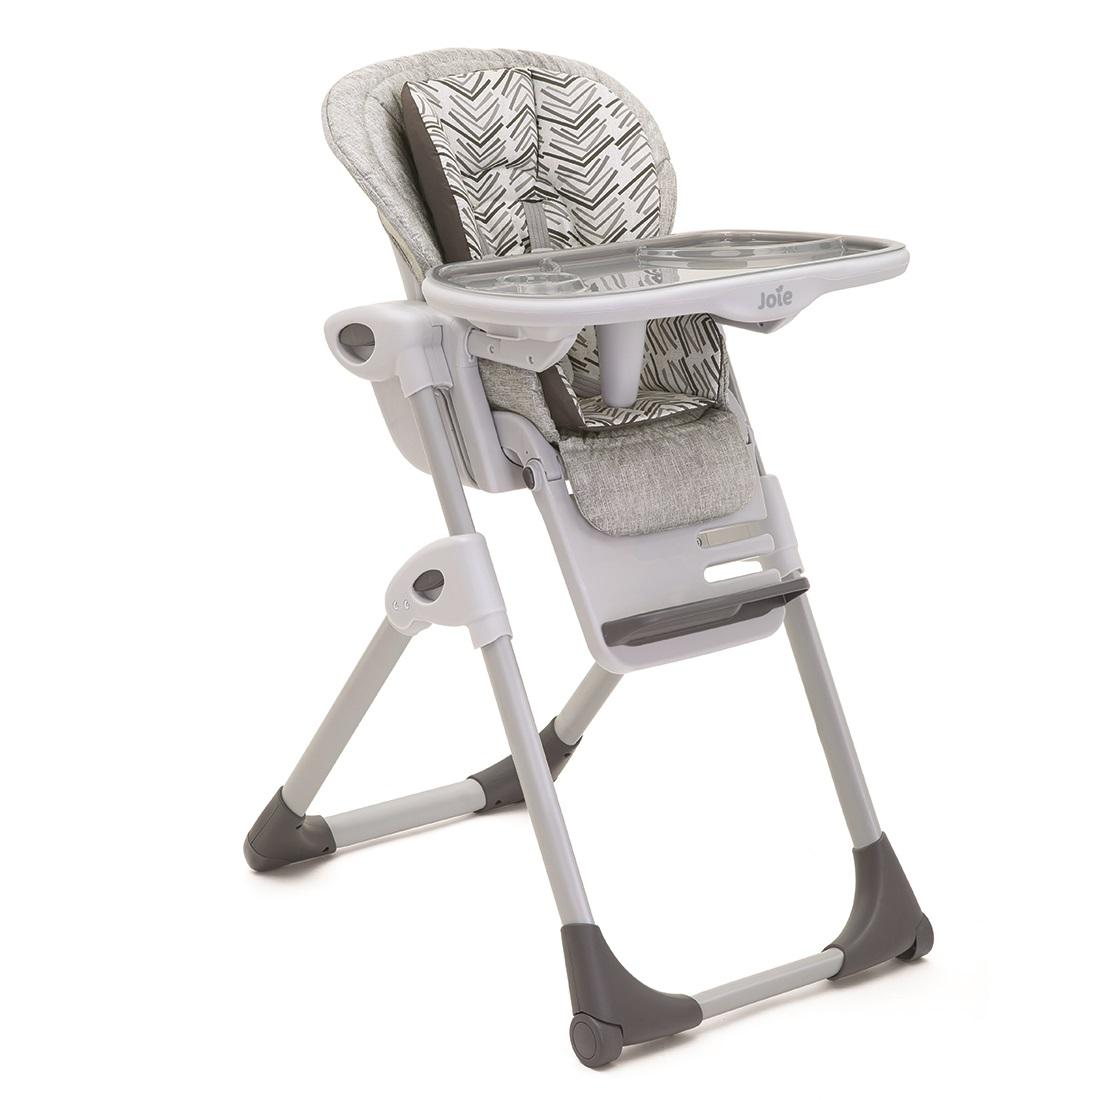 Cadeira de refeição Joie Mimzy 2in1 High Chair